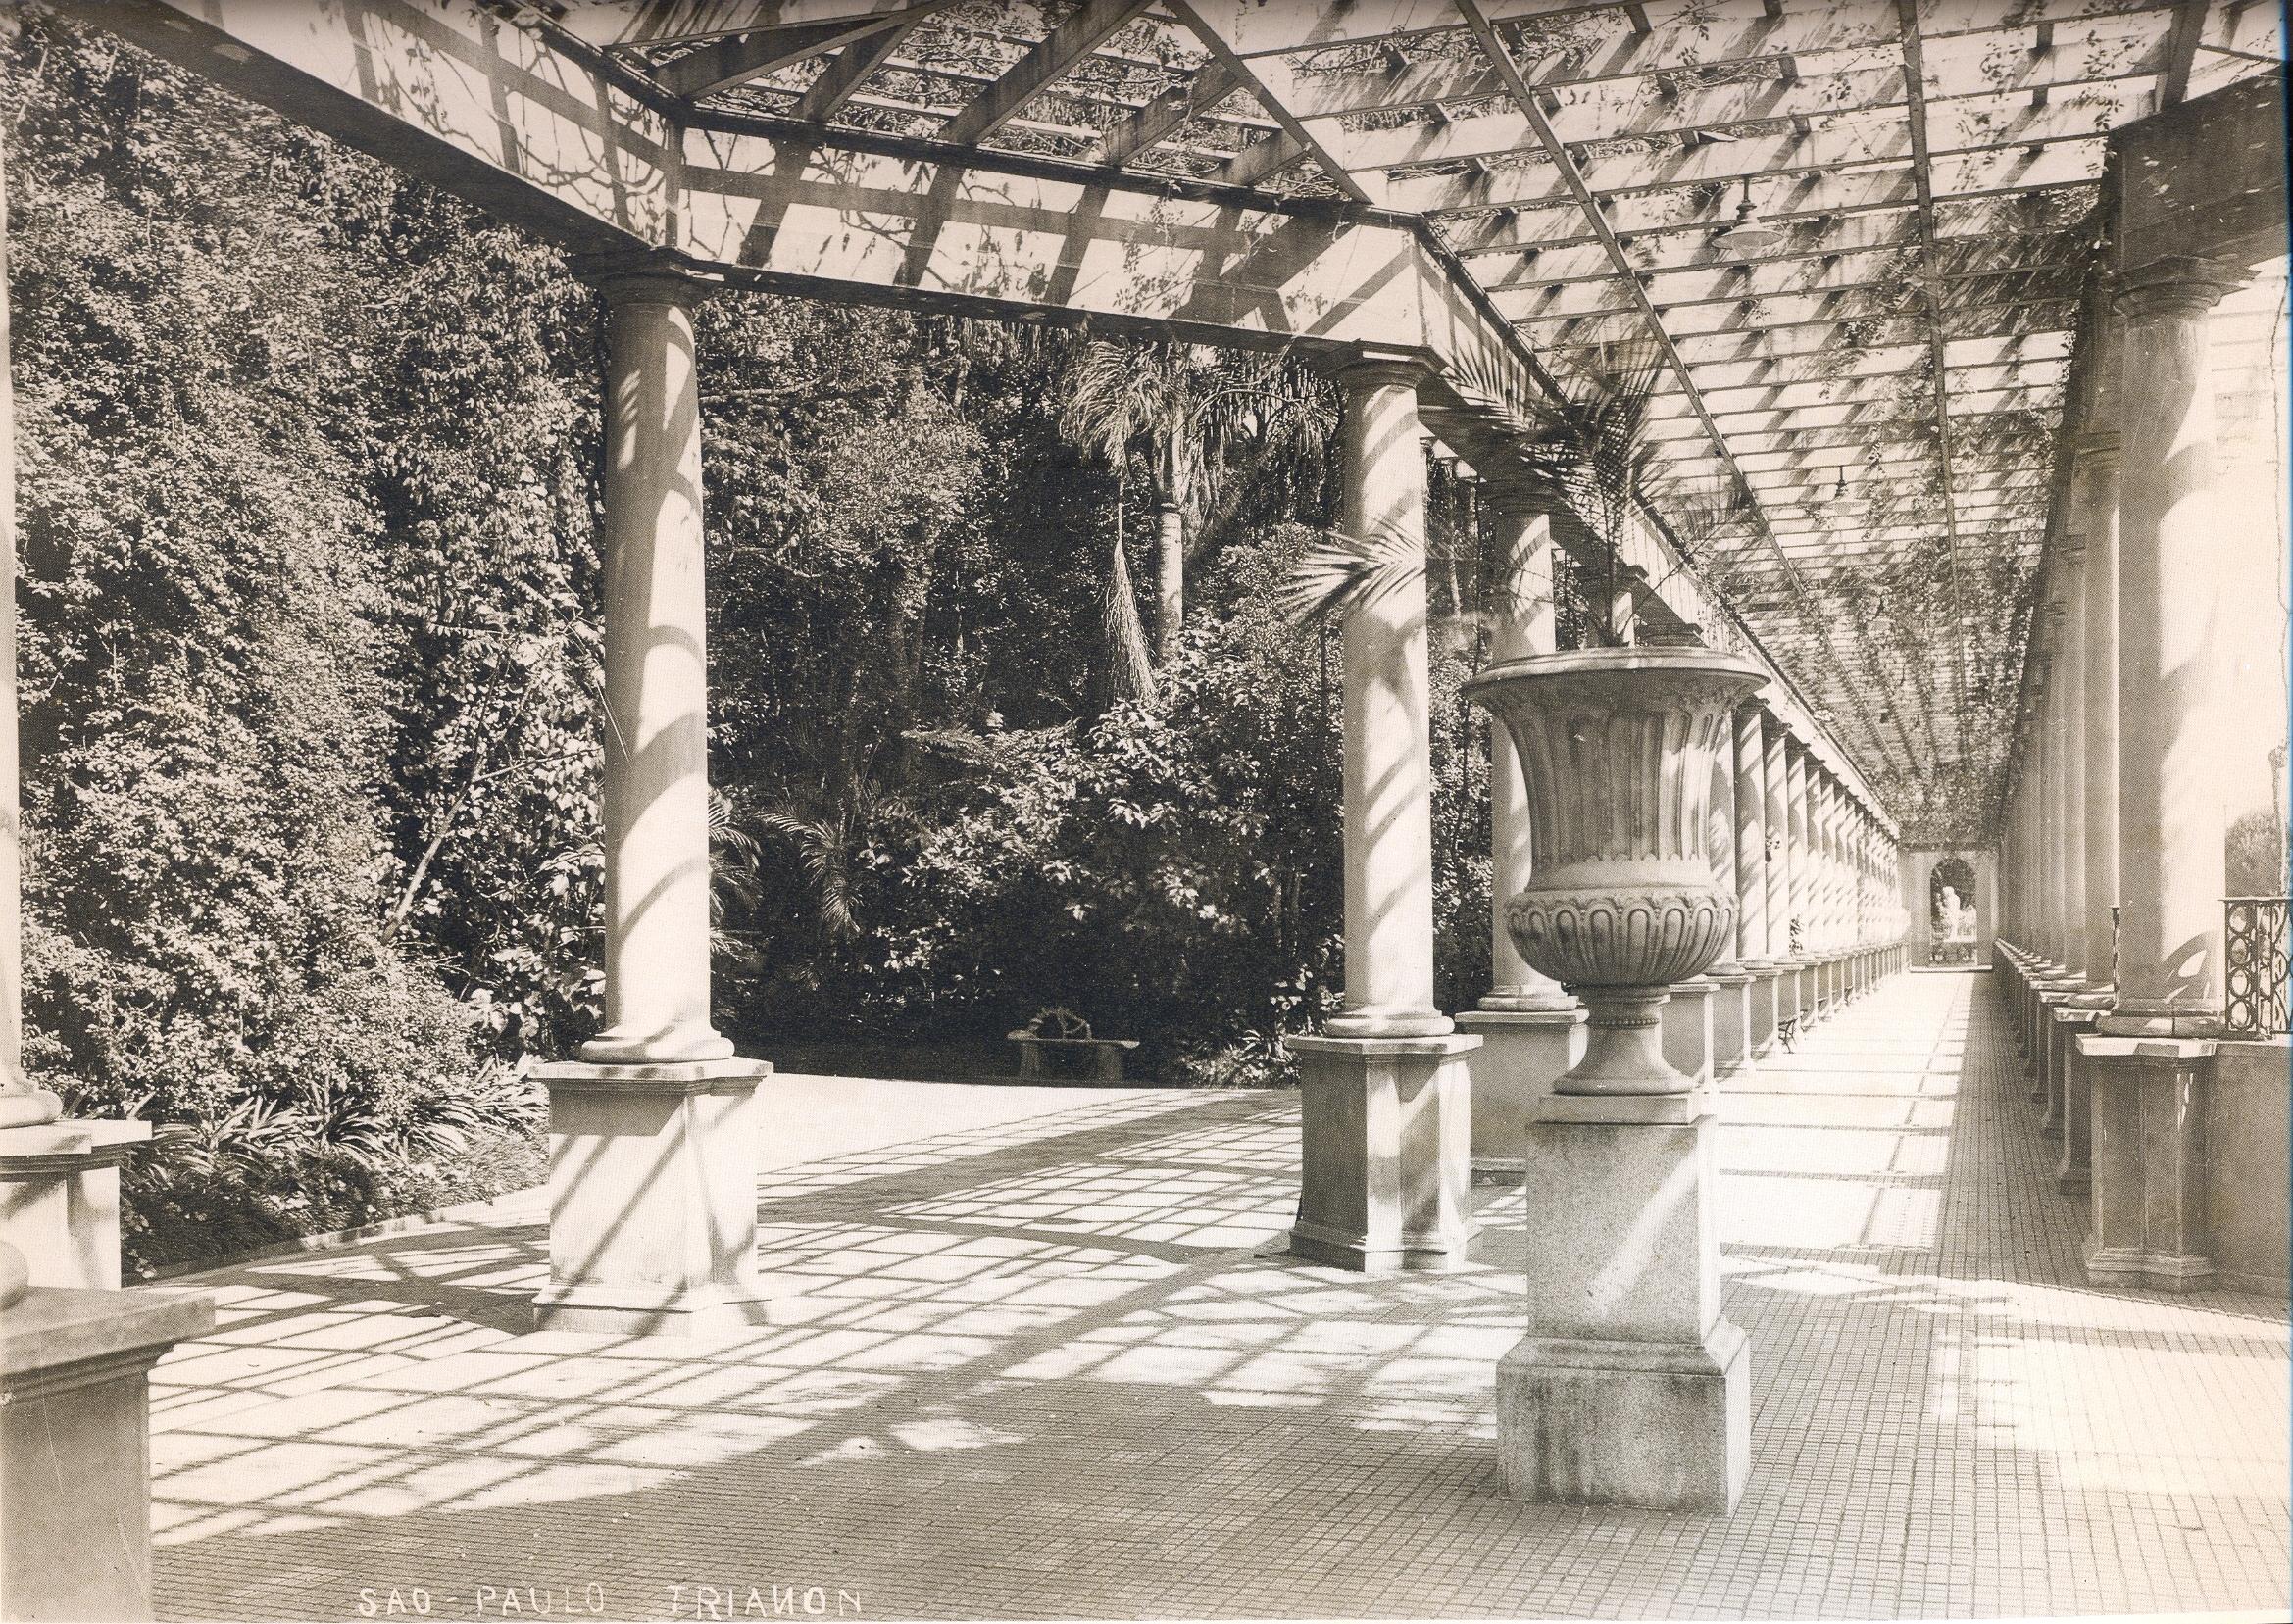 Arte e Estética - Página 10 Trianon-interno